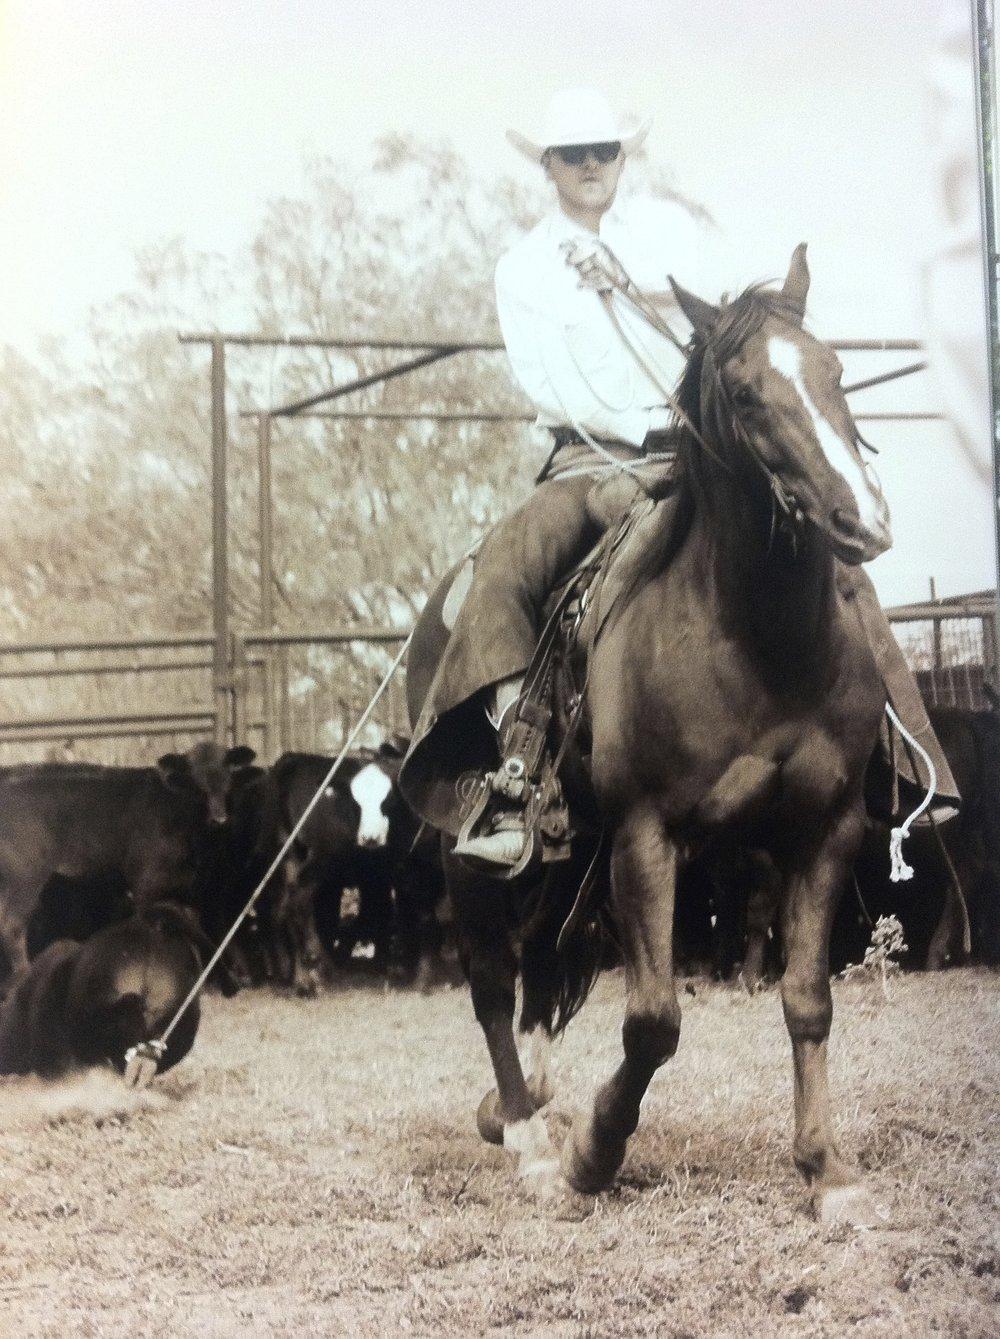 Cowboy Flick4.jpg